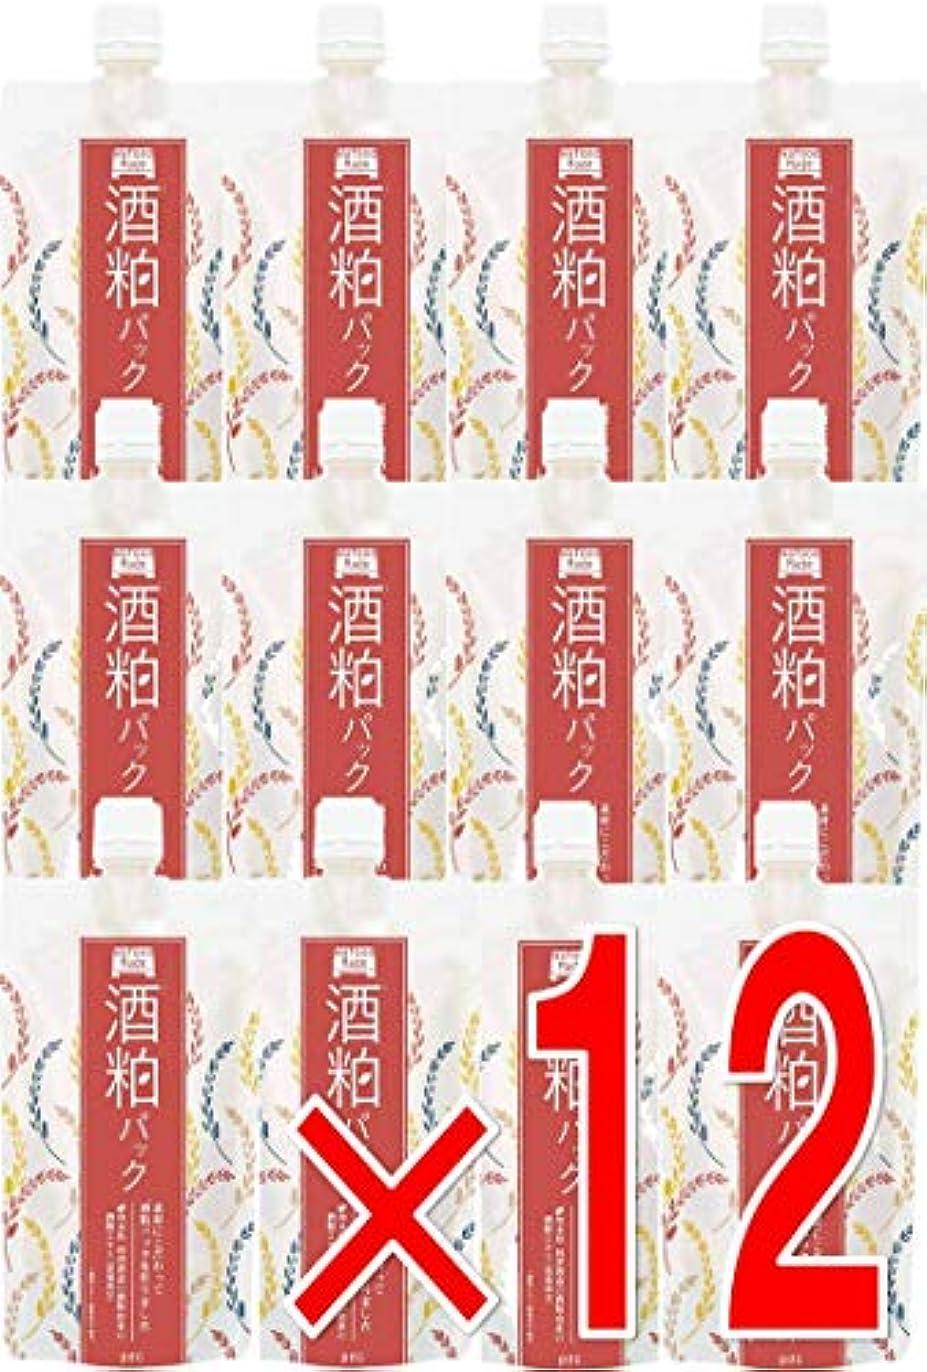 五スカリー解決する【 12個 】 ワフードメイド (Wafood Made) 酒粕パック 170g 日本製